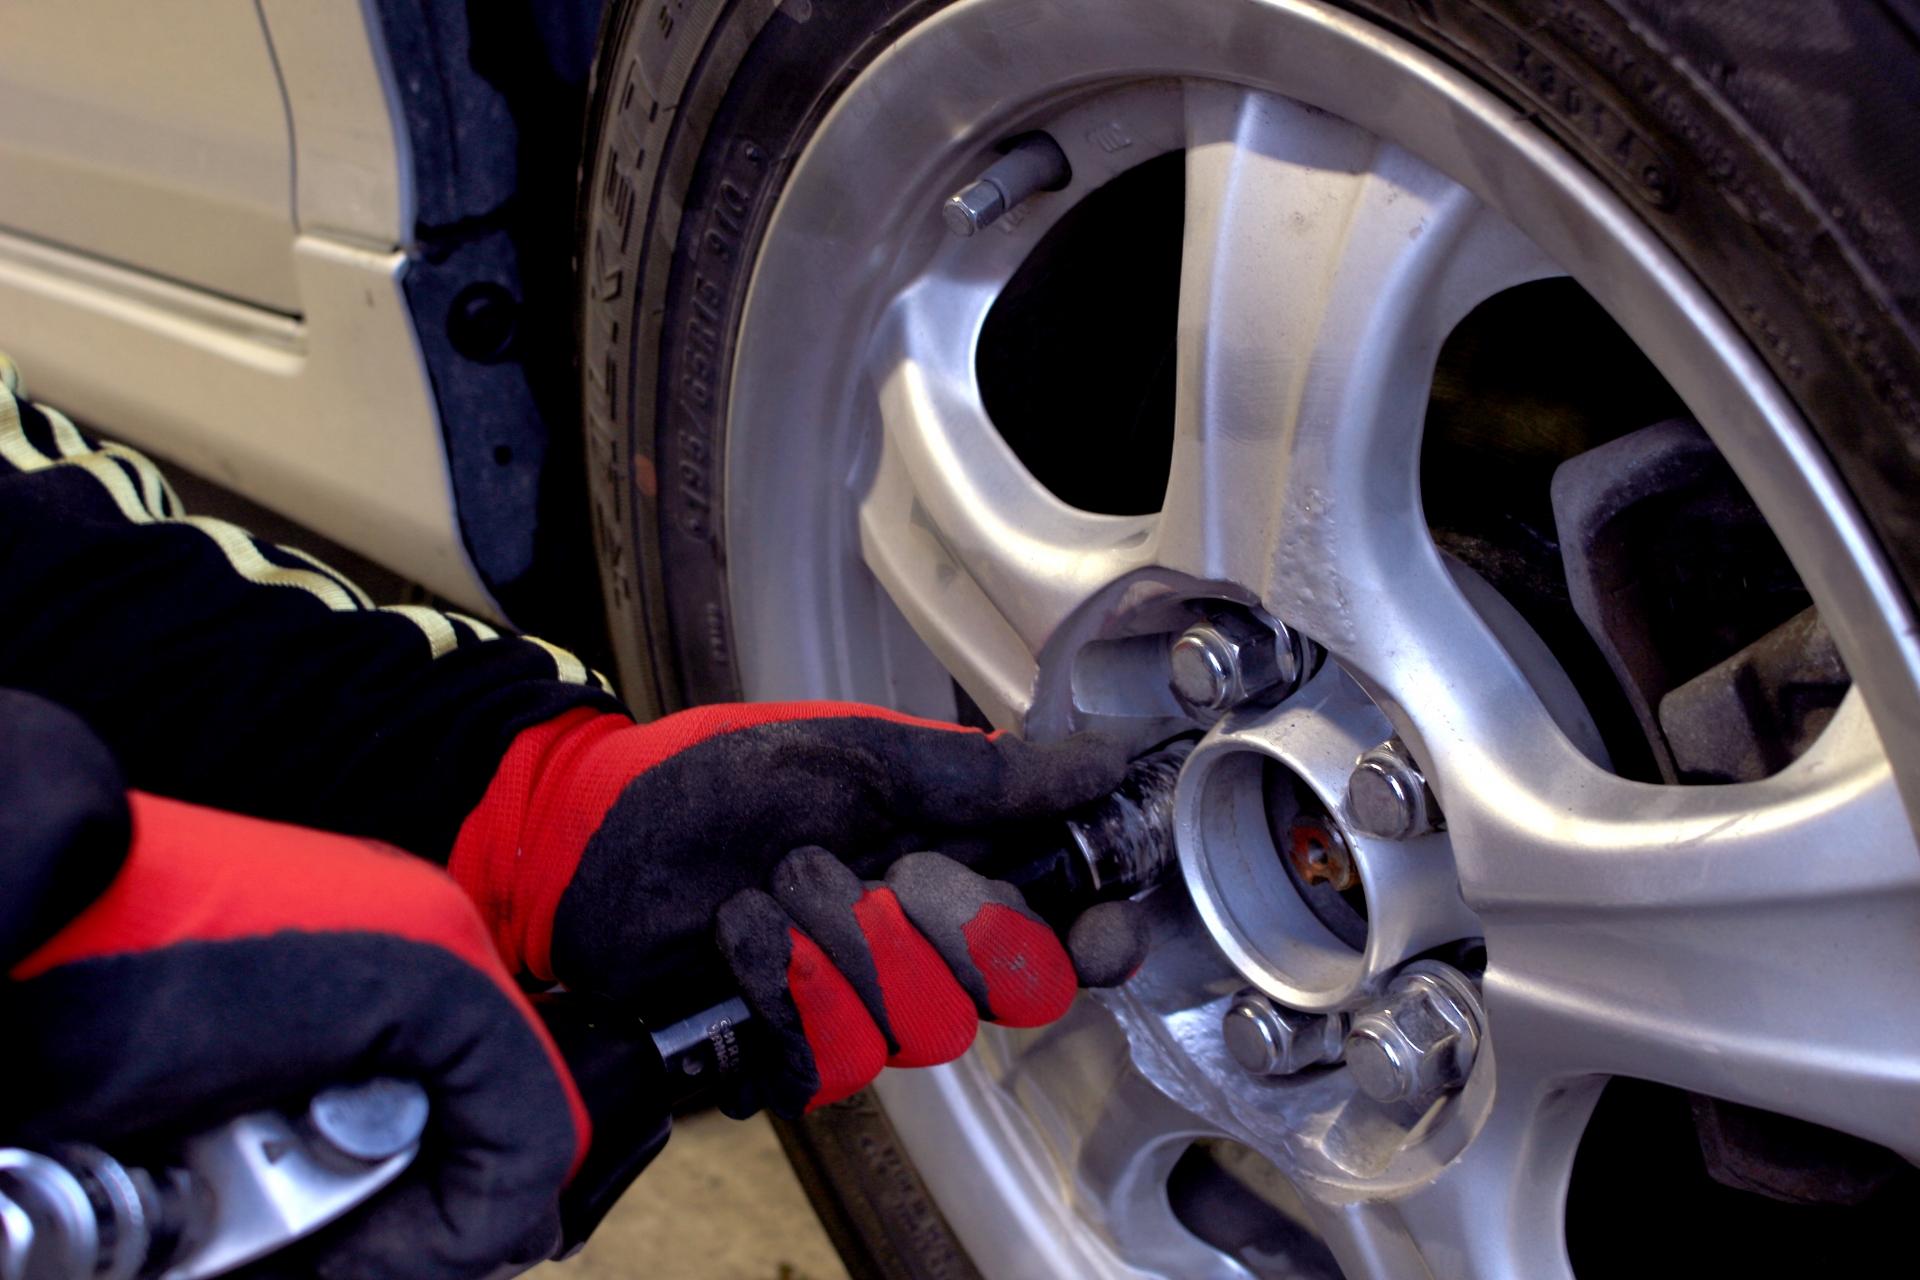 自動車整備士の大変な仕事内容とは?収入アップを目指すなら転職も。